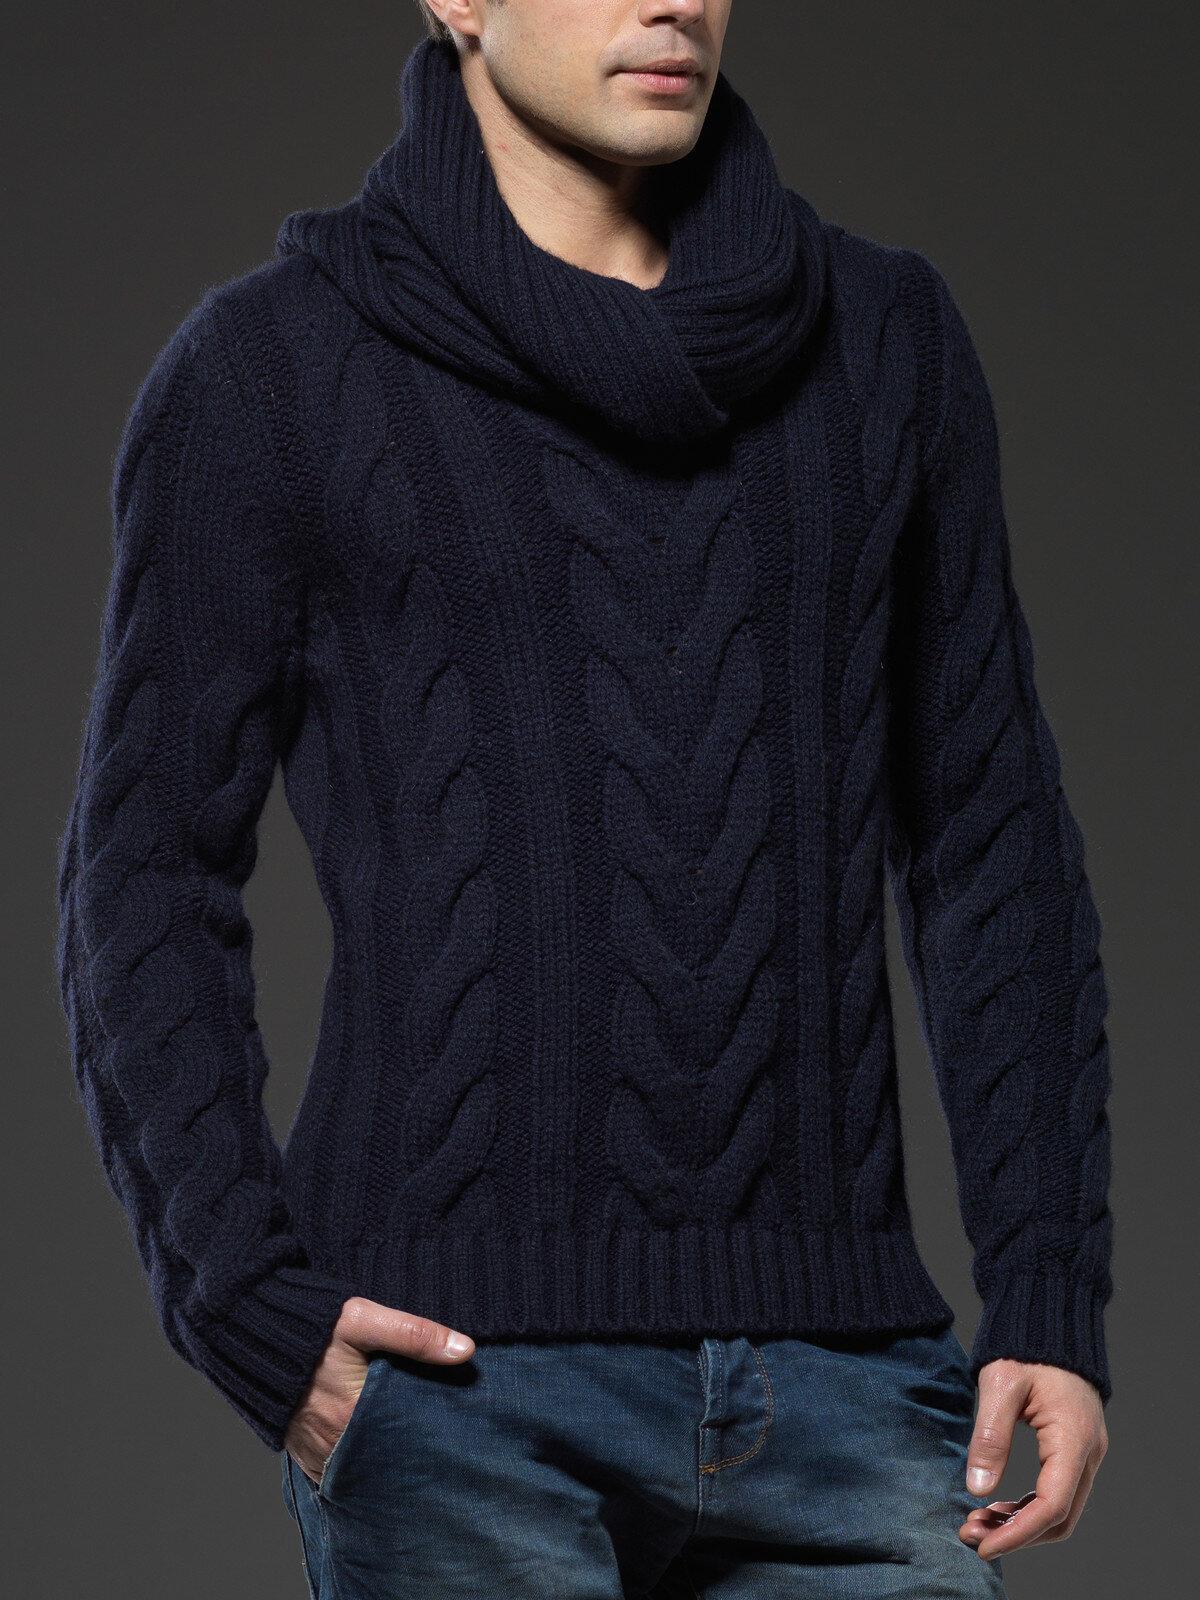 Вязание модных джемперов для мужчин